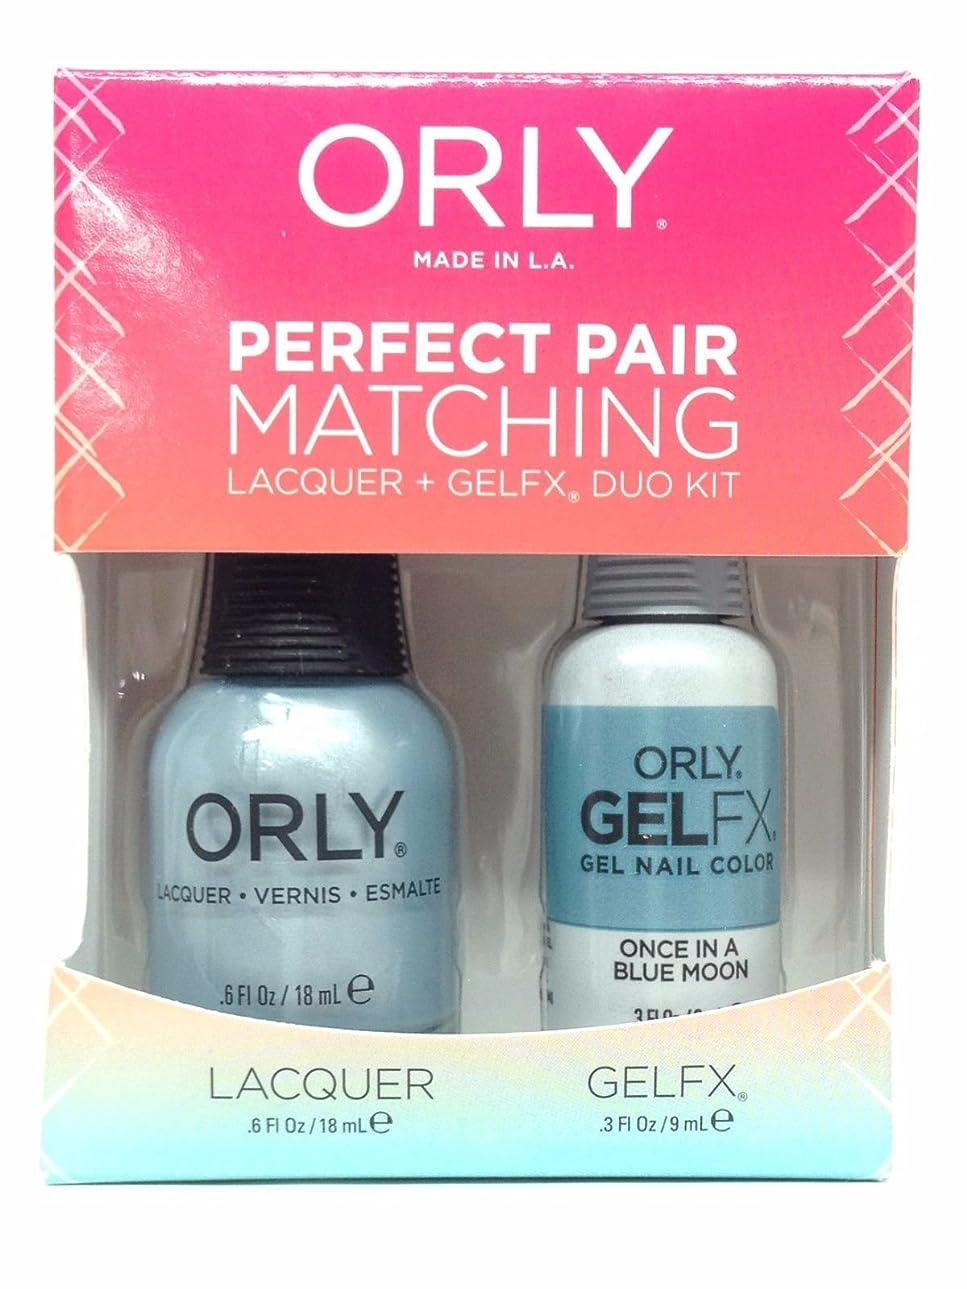 ミル証言する剥ぎ取るOrly Lacquer + Gel FX - Perfect Pair Matching DUO Kit - Once In A Blue Moon